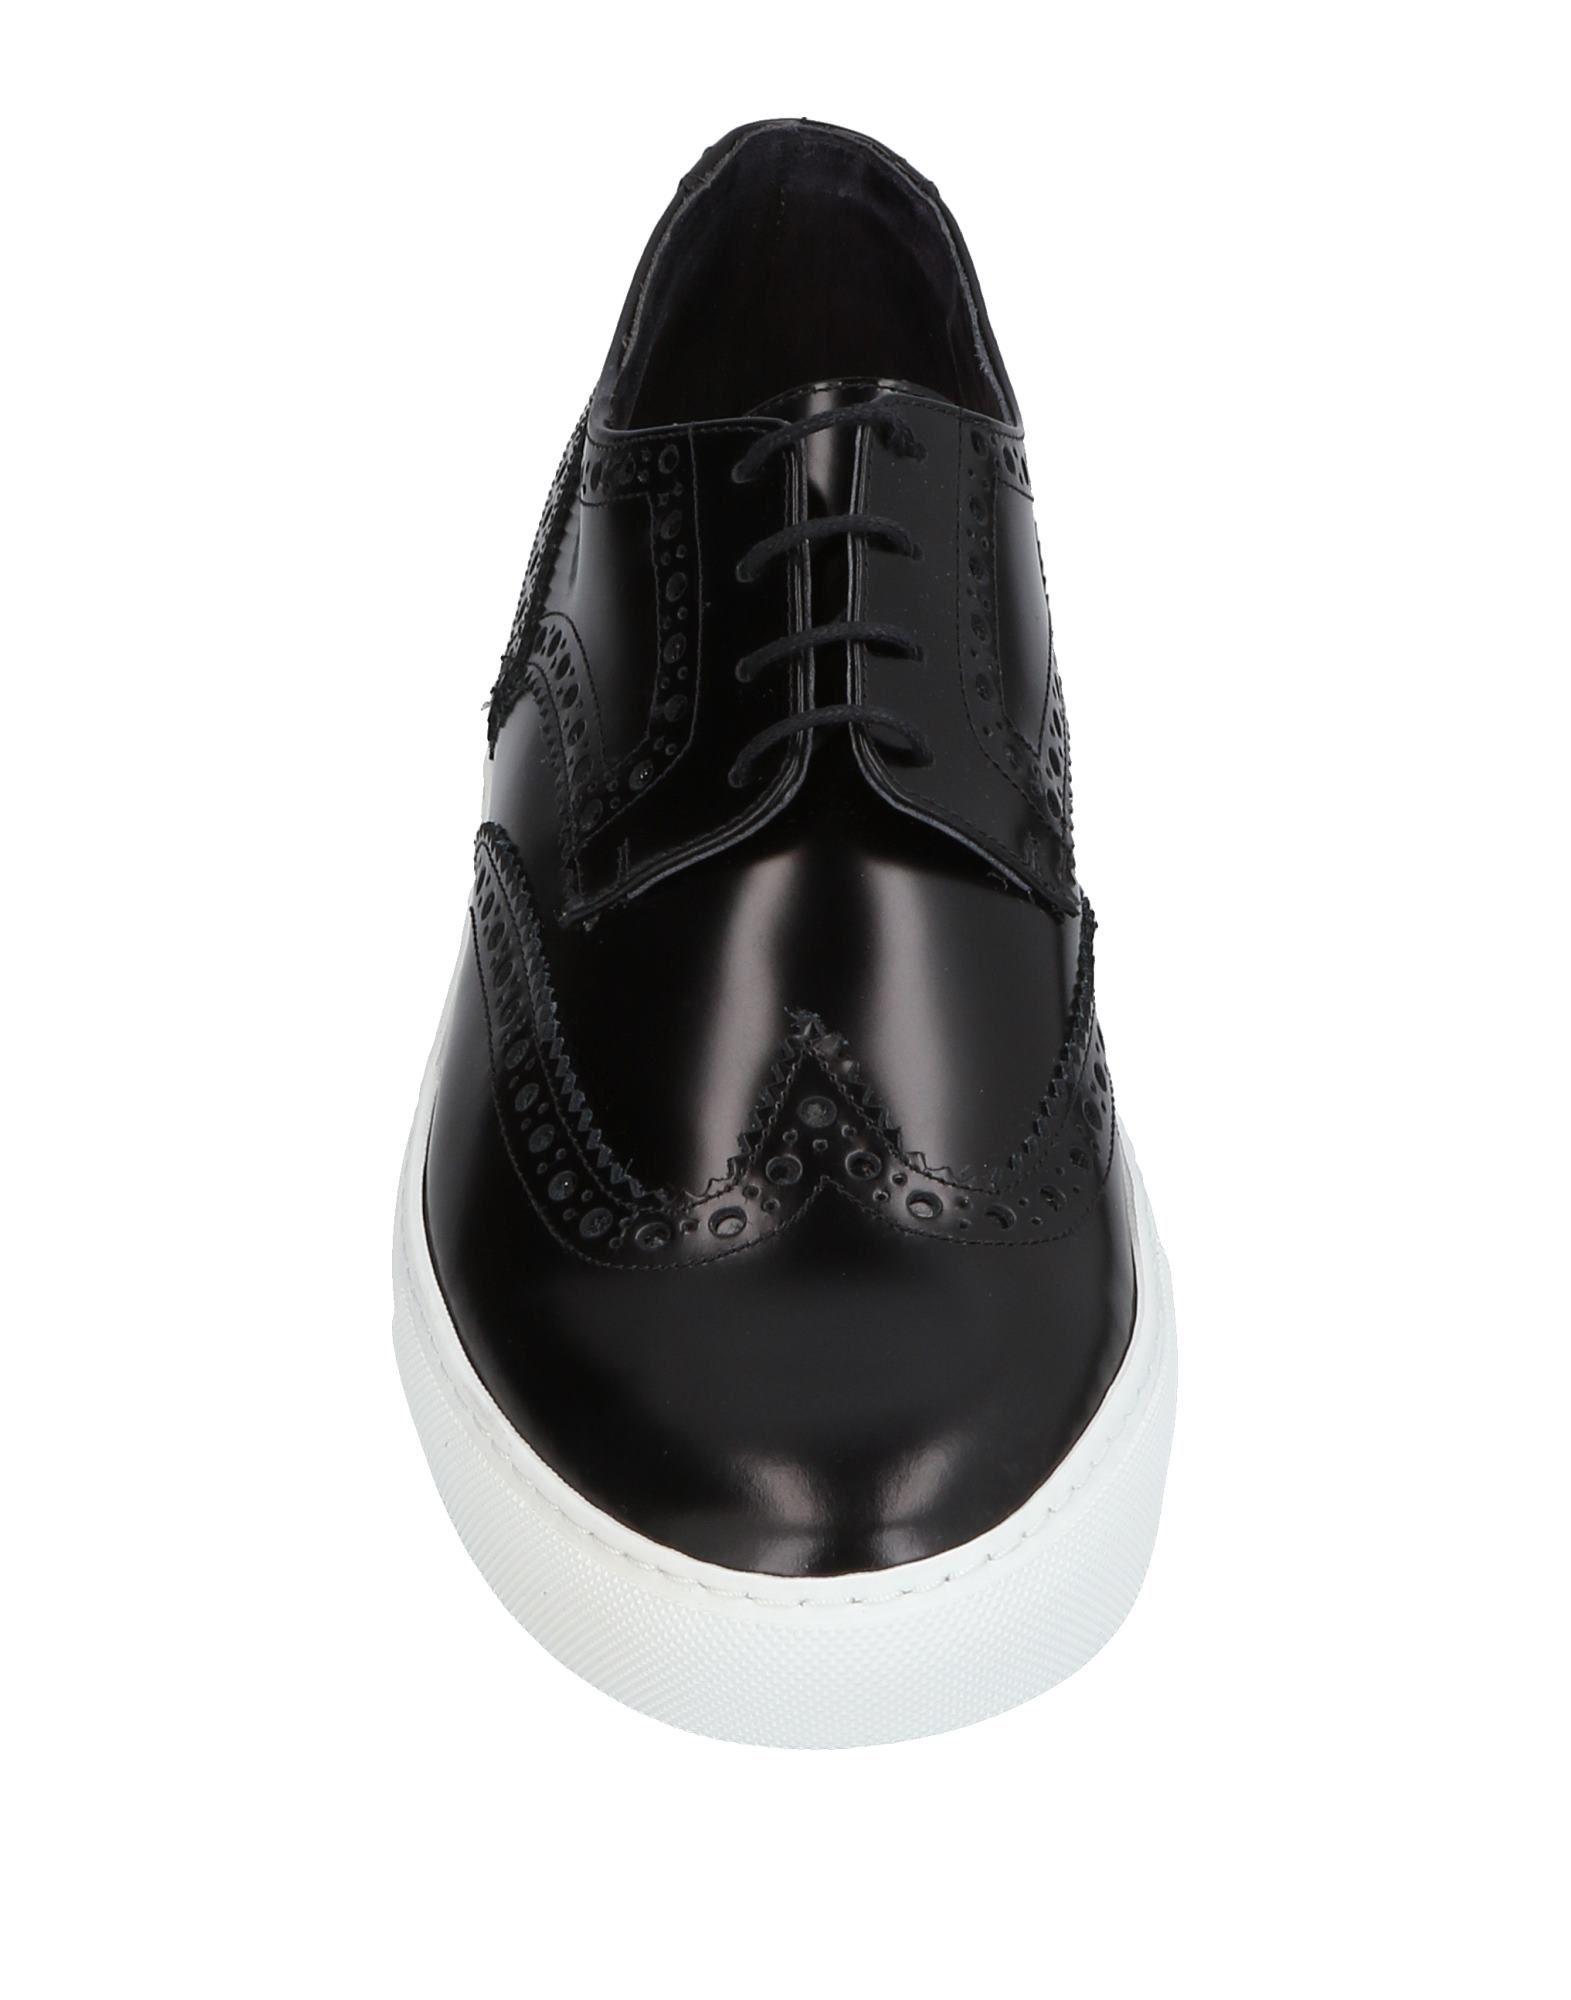 Rabatt echte Schuhe Quattrobarradodici Sneakers 11433970CH Herren  11433970CH Sneakers 9d739c